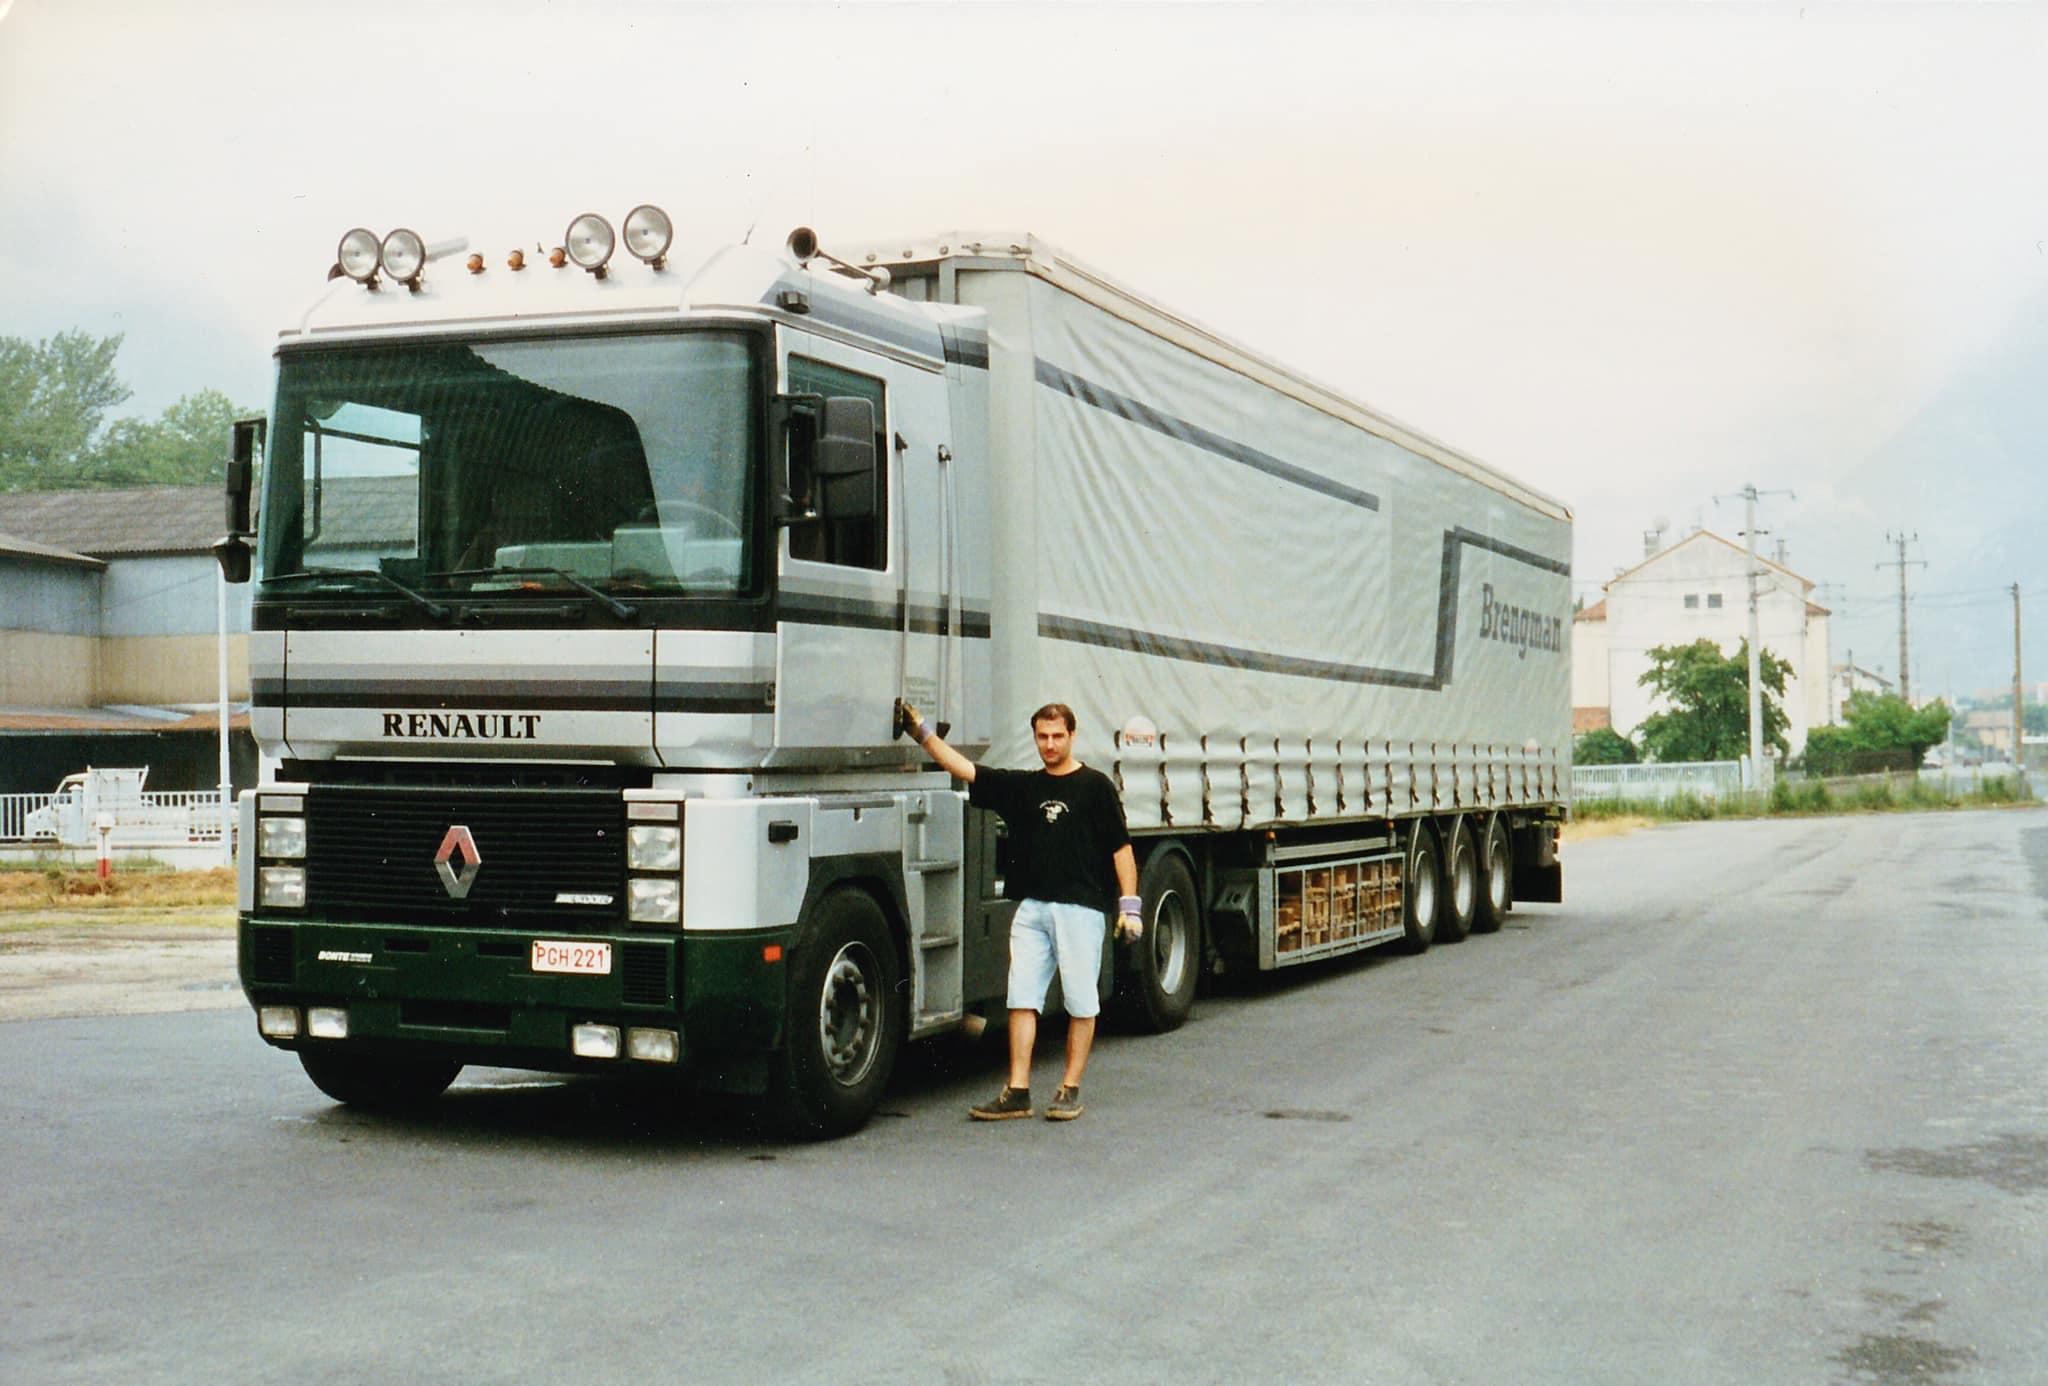 Johnny-Deneve-Mijn-schoonste-tijd-uit-mijn-bestaan--Transport-Brengman--Dubbel-bemand-Vlissingen--Andorra--en-retour-Bordeaux-Anderlecht--(1)